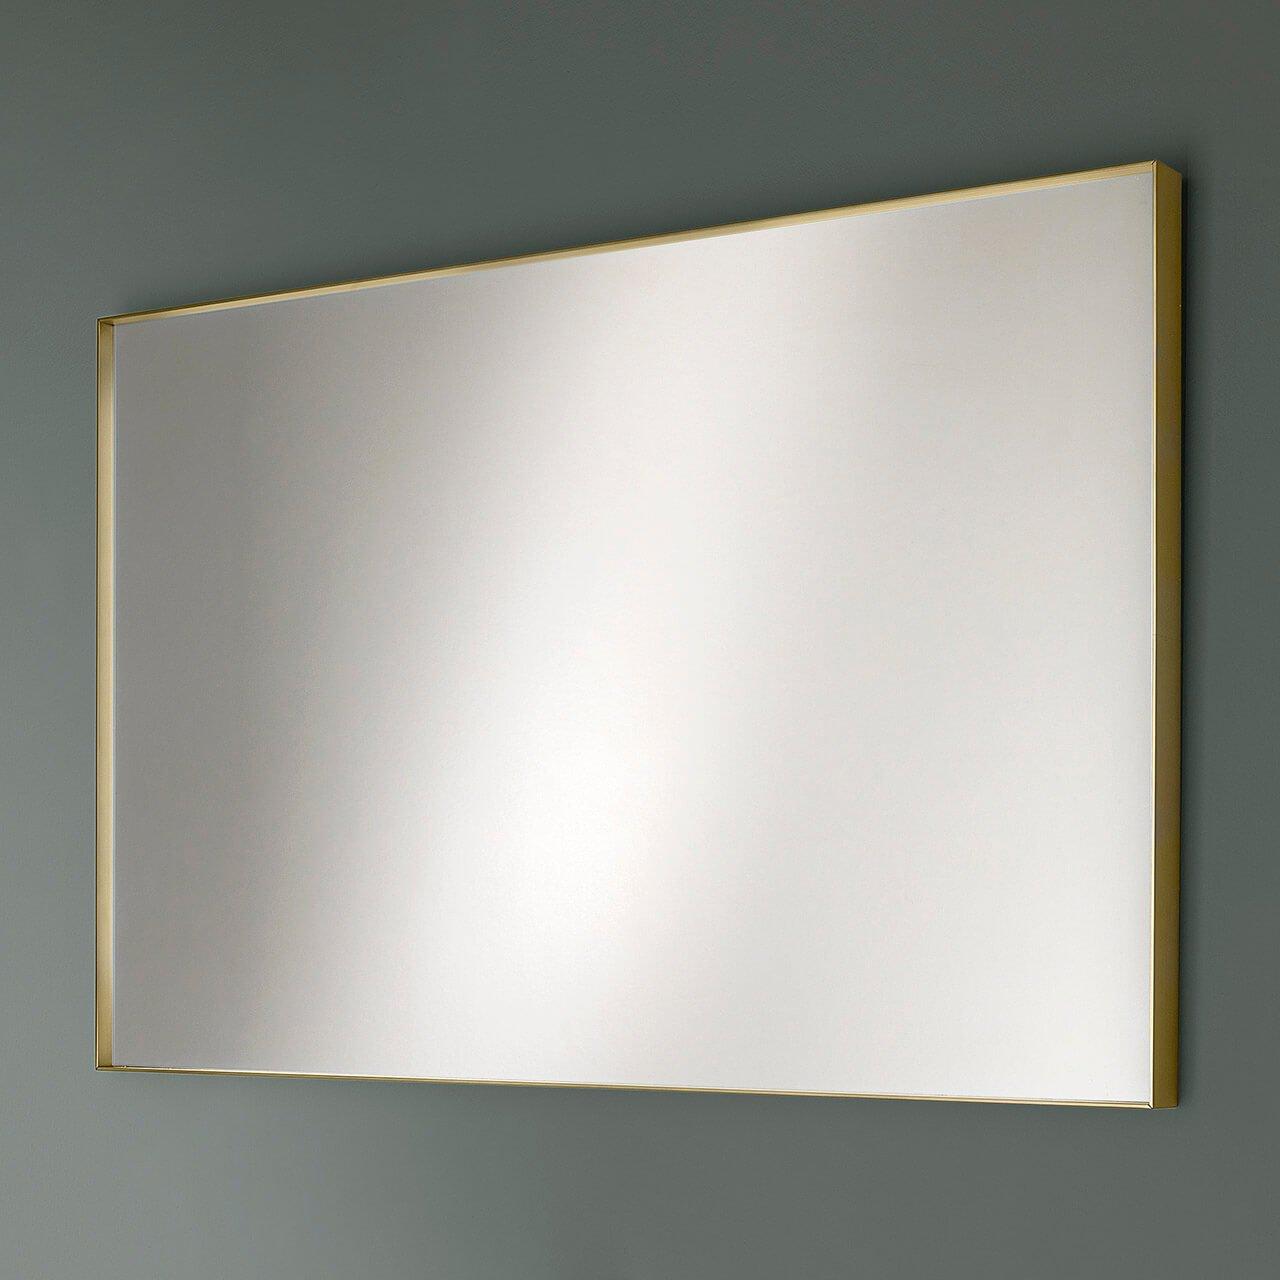 specchio CharmeS bronzo